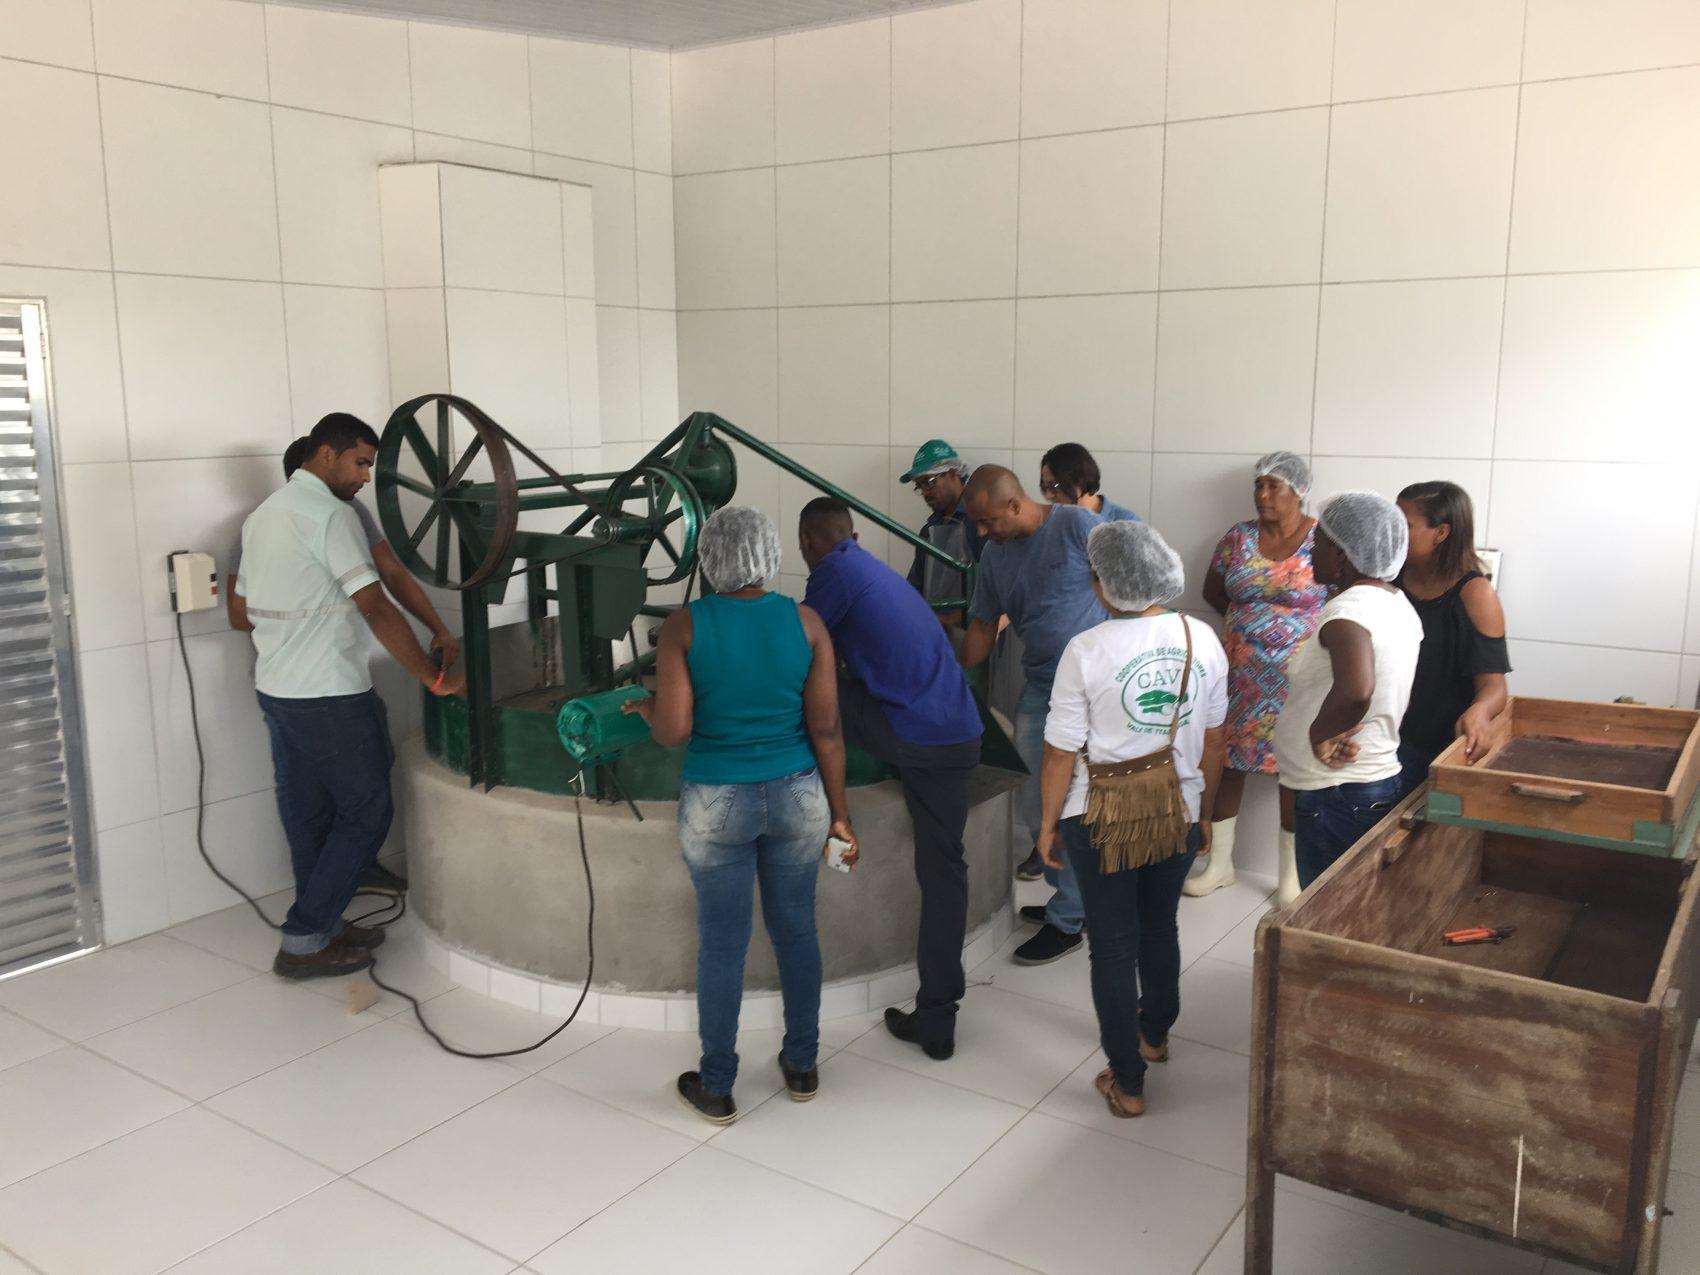 Farinheira Sustentável em funcionamento após projeto com pesquisadores da UFSB: reaproveitamento de resíduos da mandioca para novos produtos (Foto: Divulgação)